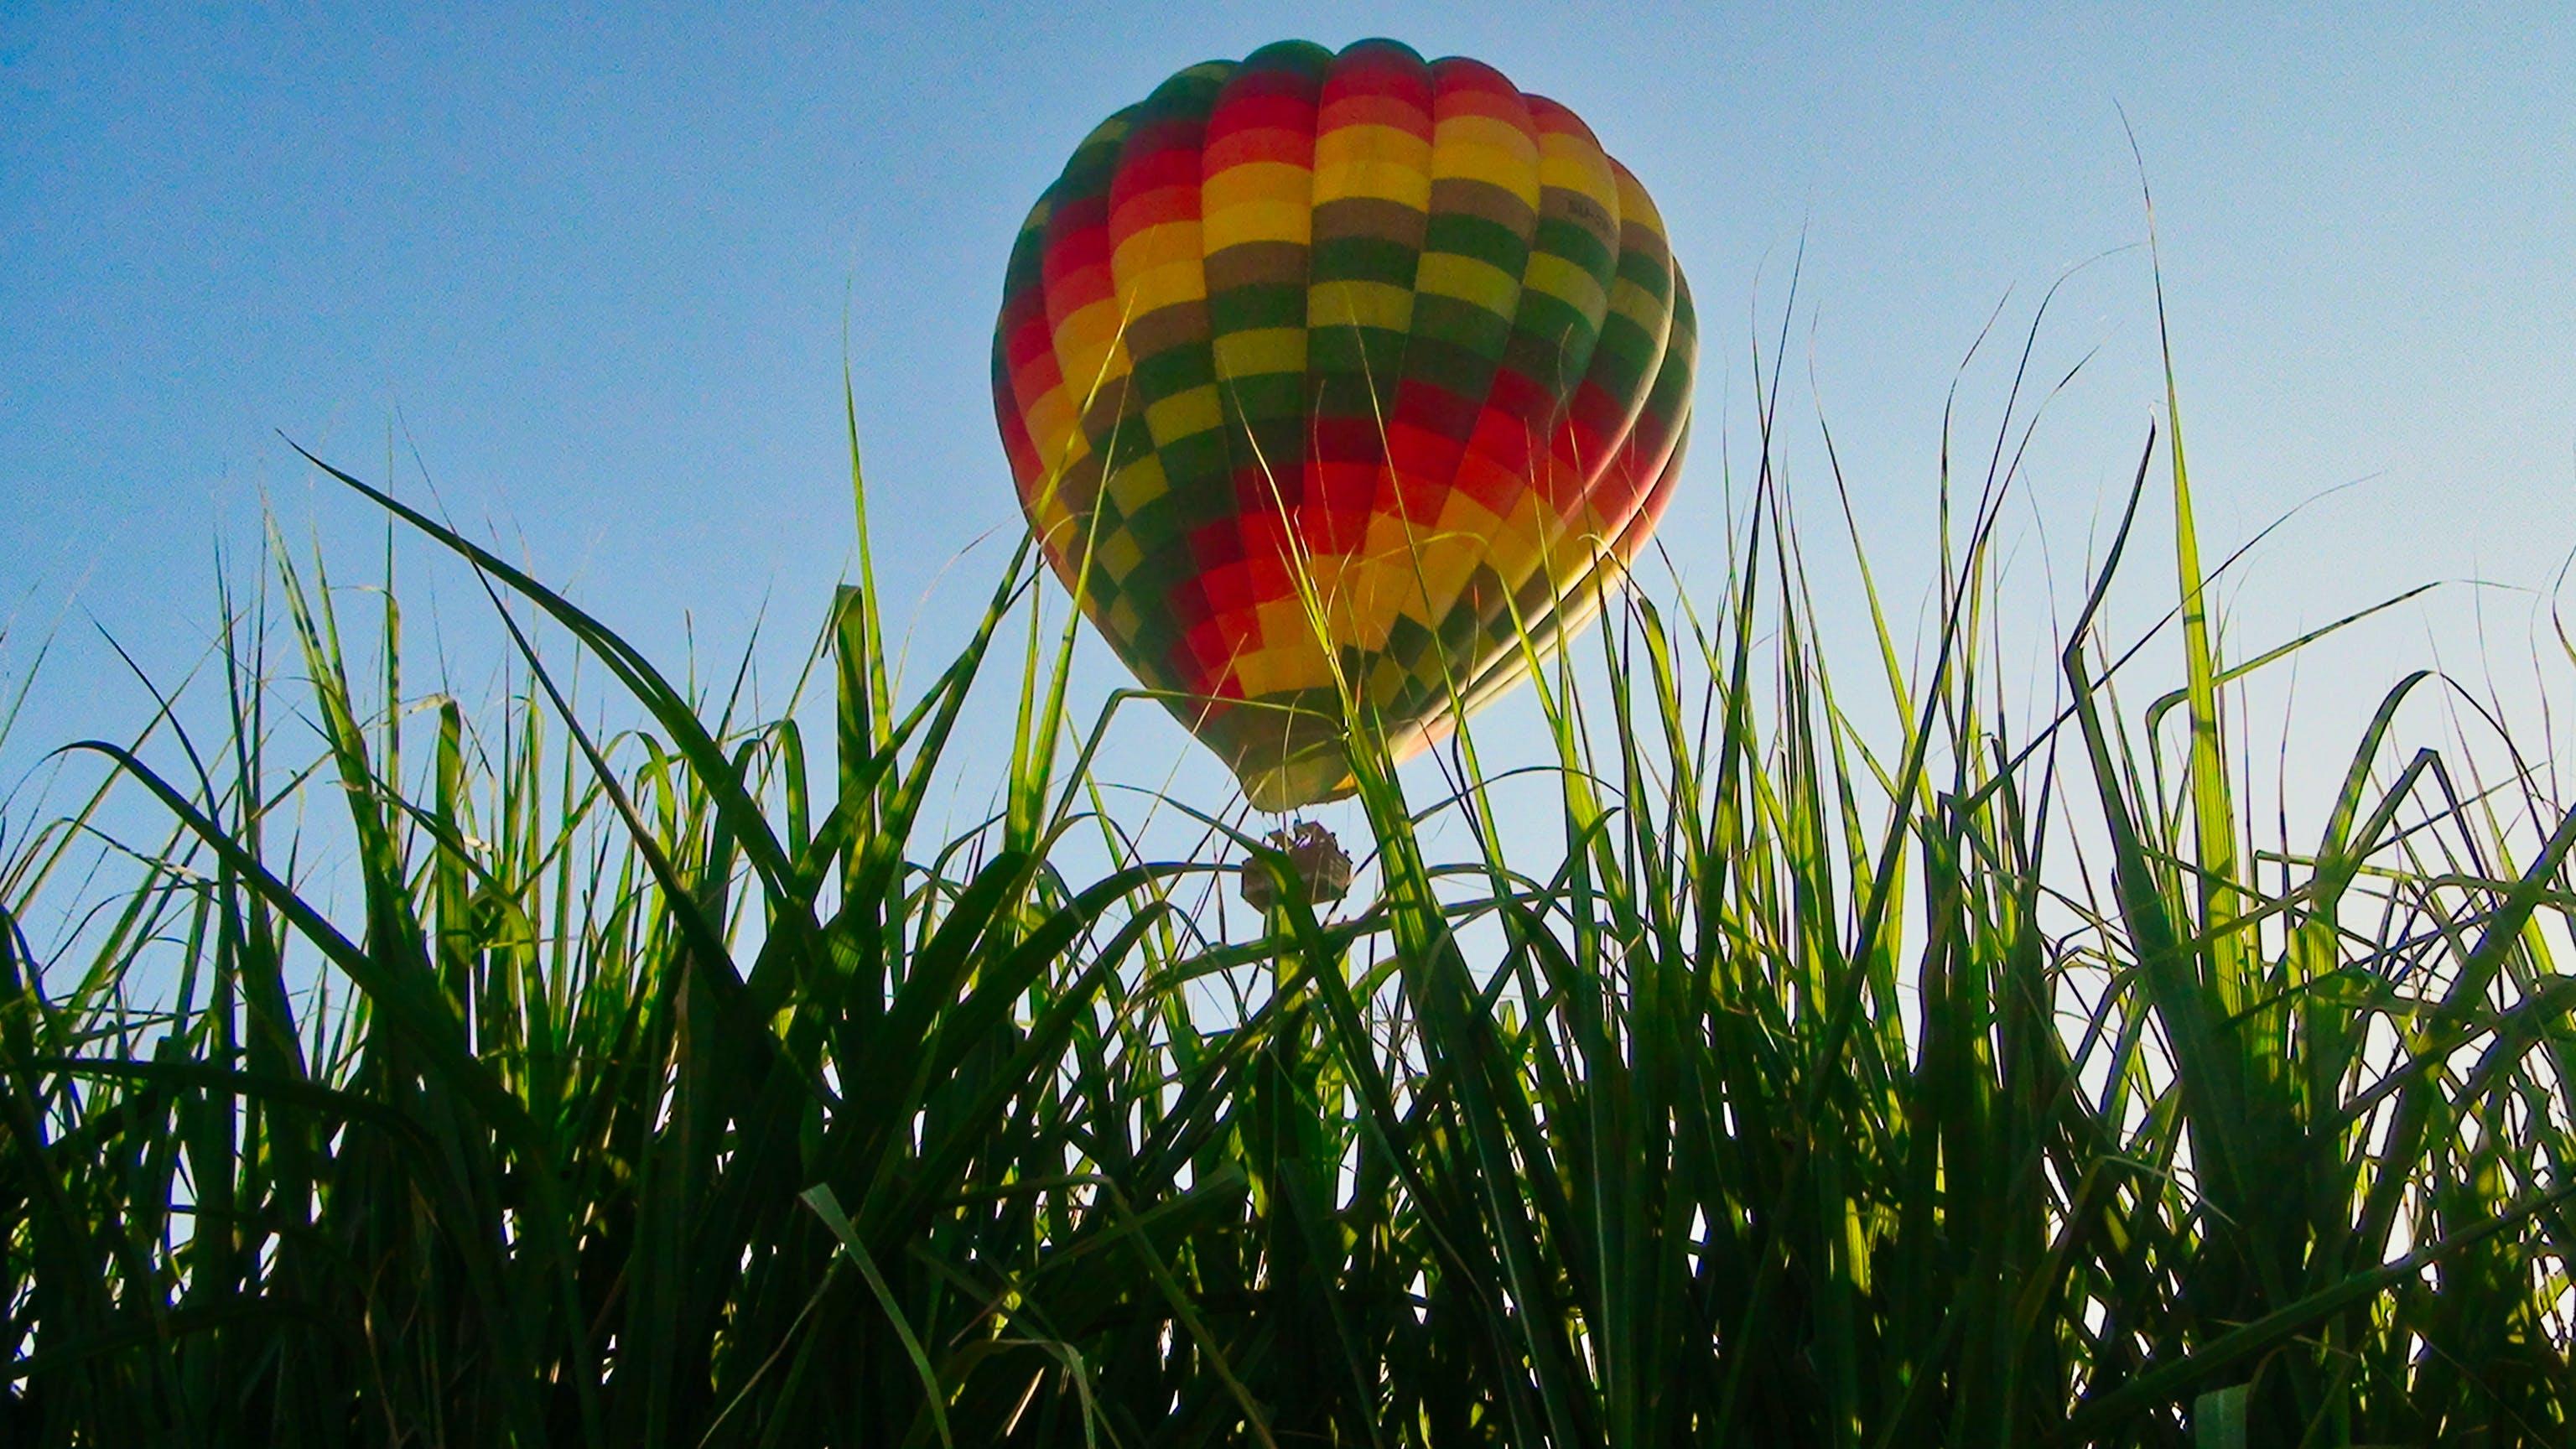 Free stock photo of hot air balloon, hot air balloons